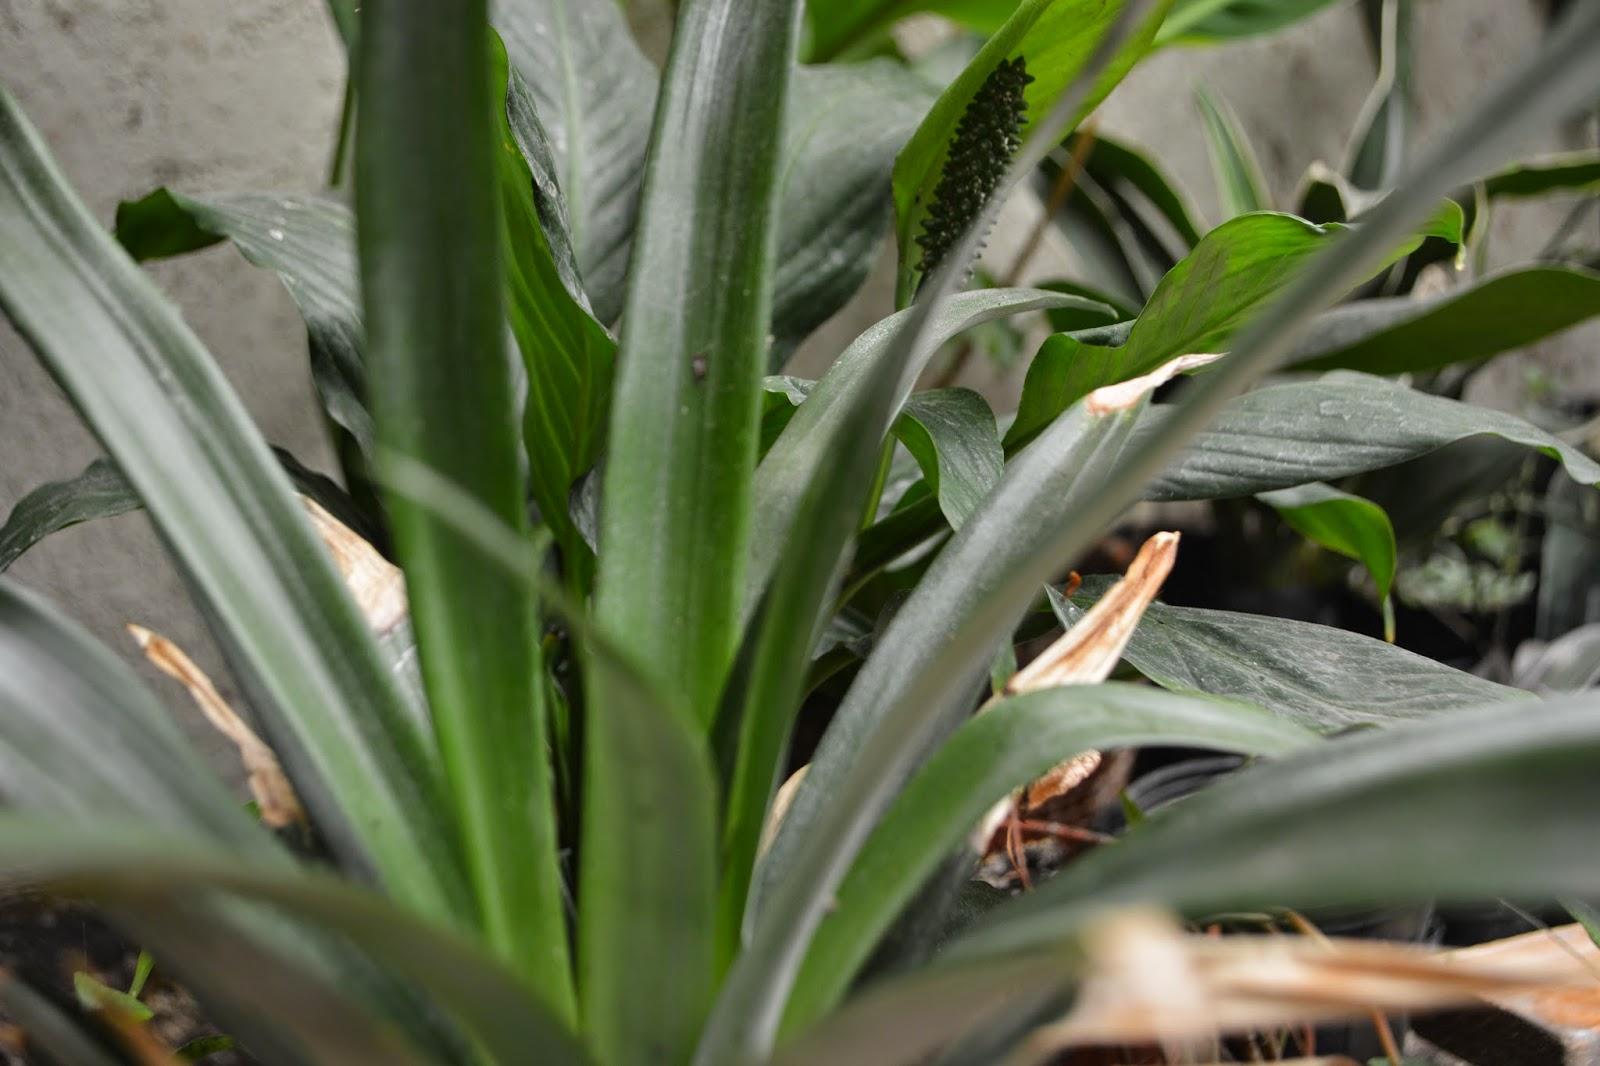 Planta de ananá. Bromelia. Ananas comosus. Cultivo en maceta.